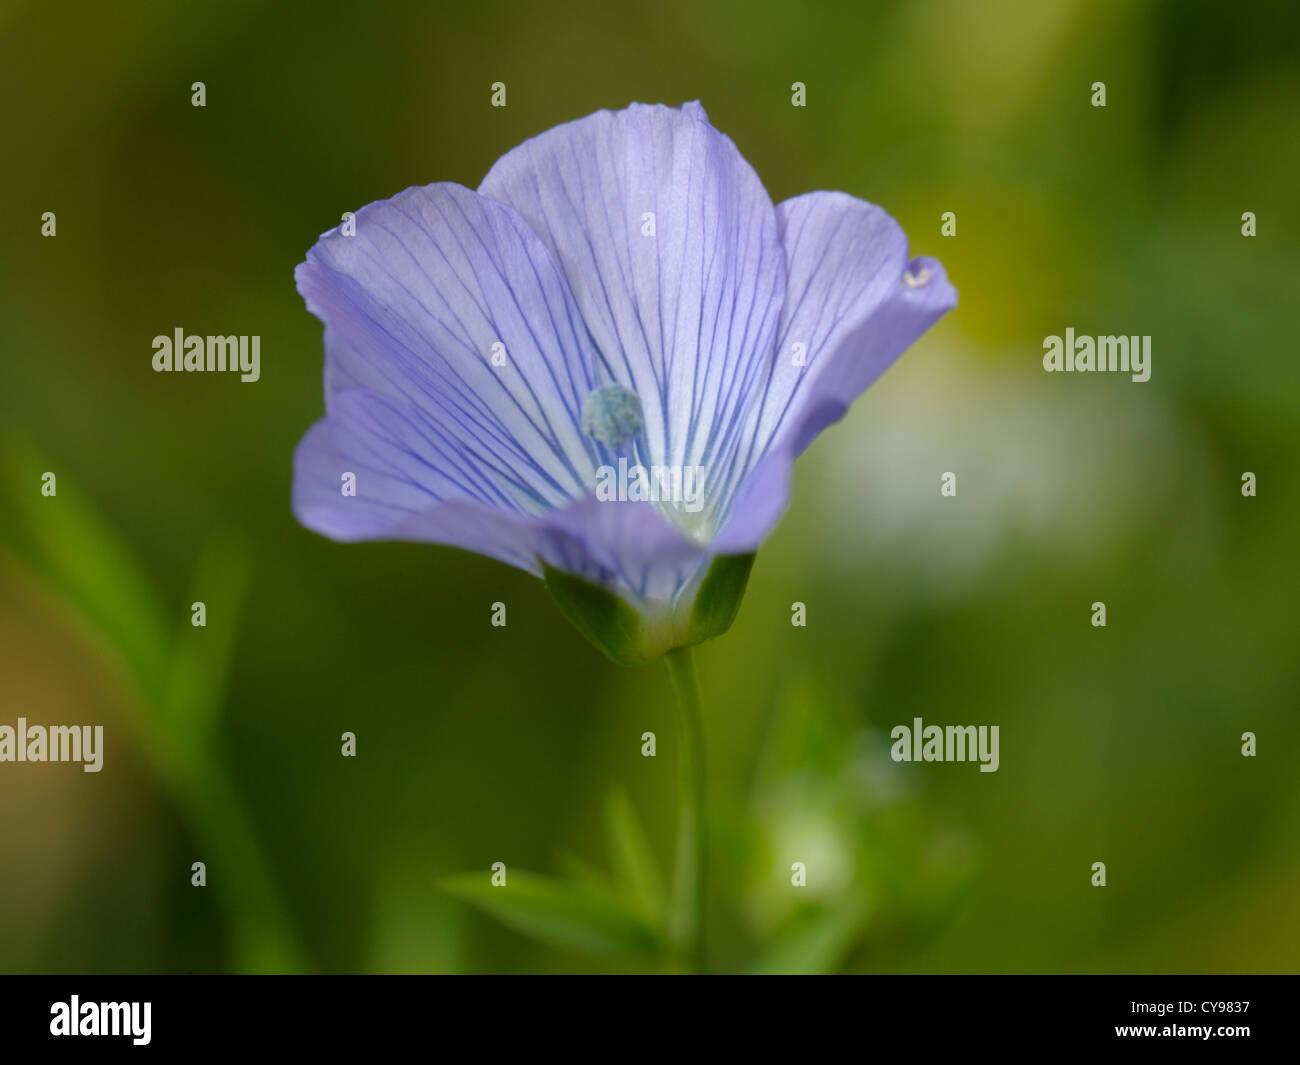 Flax Flower, Linum usitatissimum - Stock Image